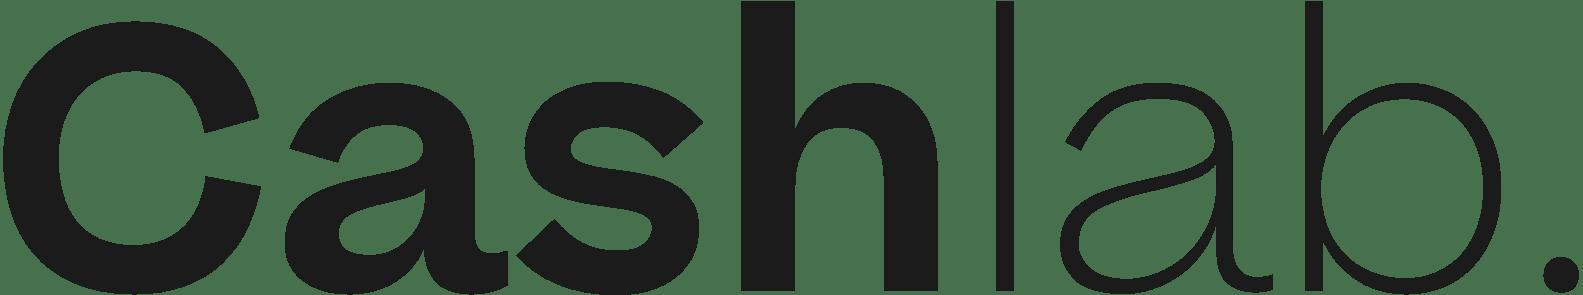 Cashlab - Les entreprises qui ont confiances